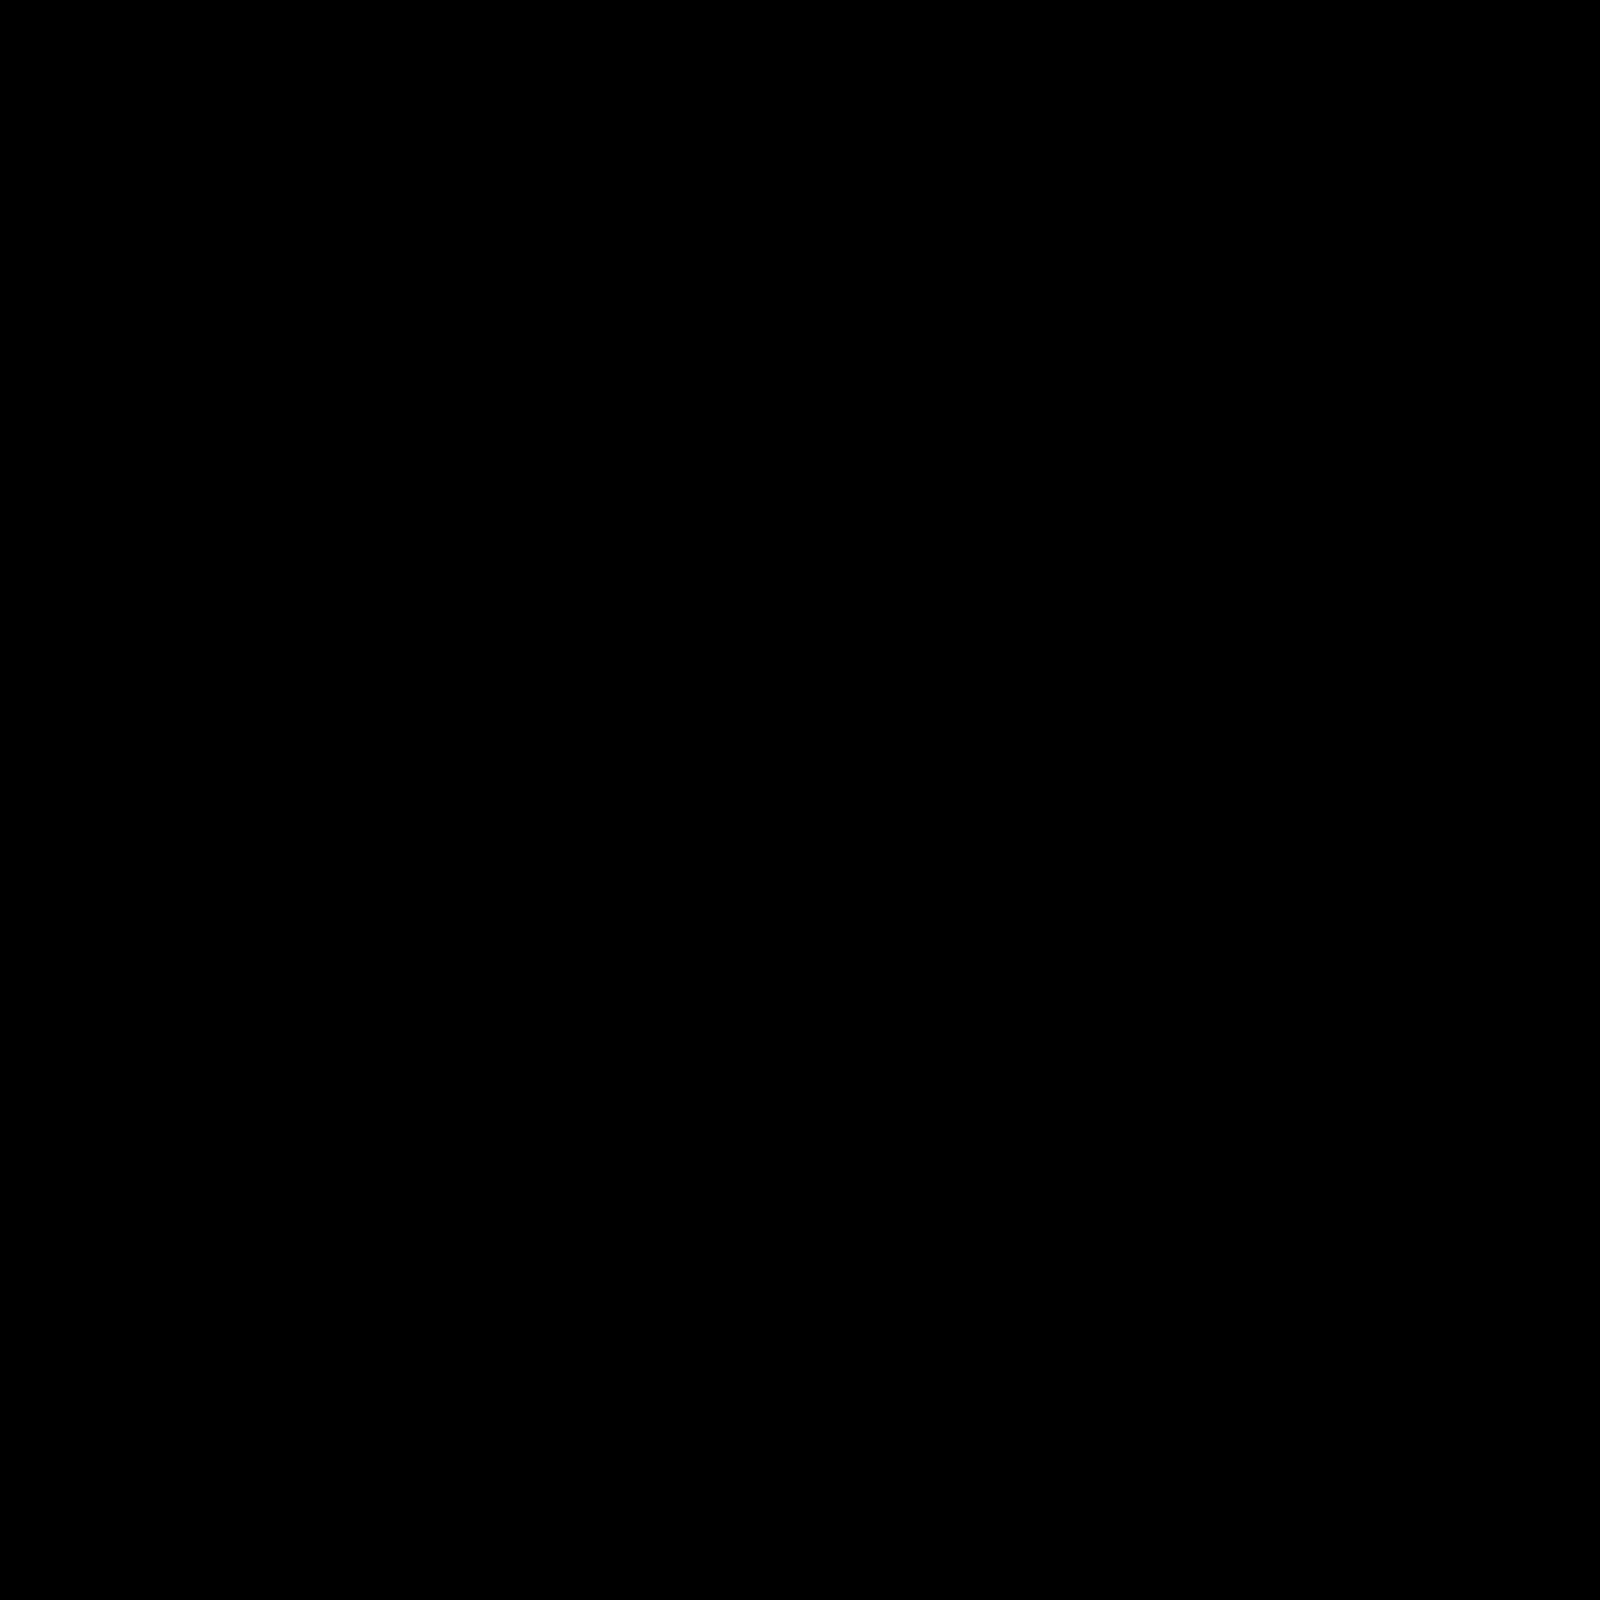 Sygnał dźwiękowy icon